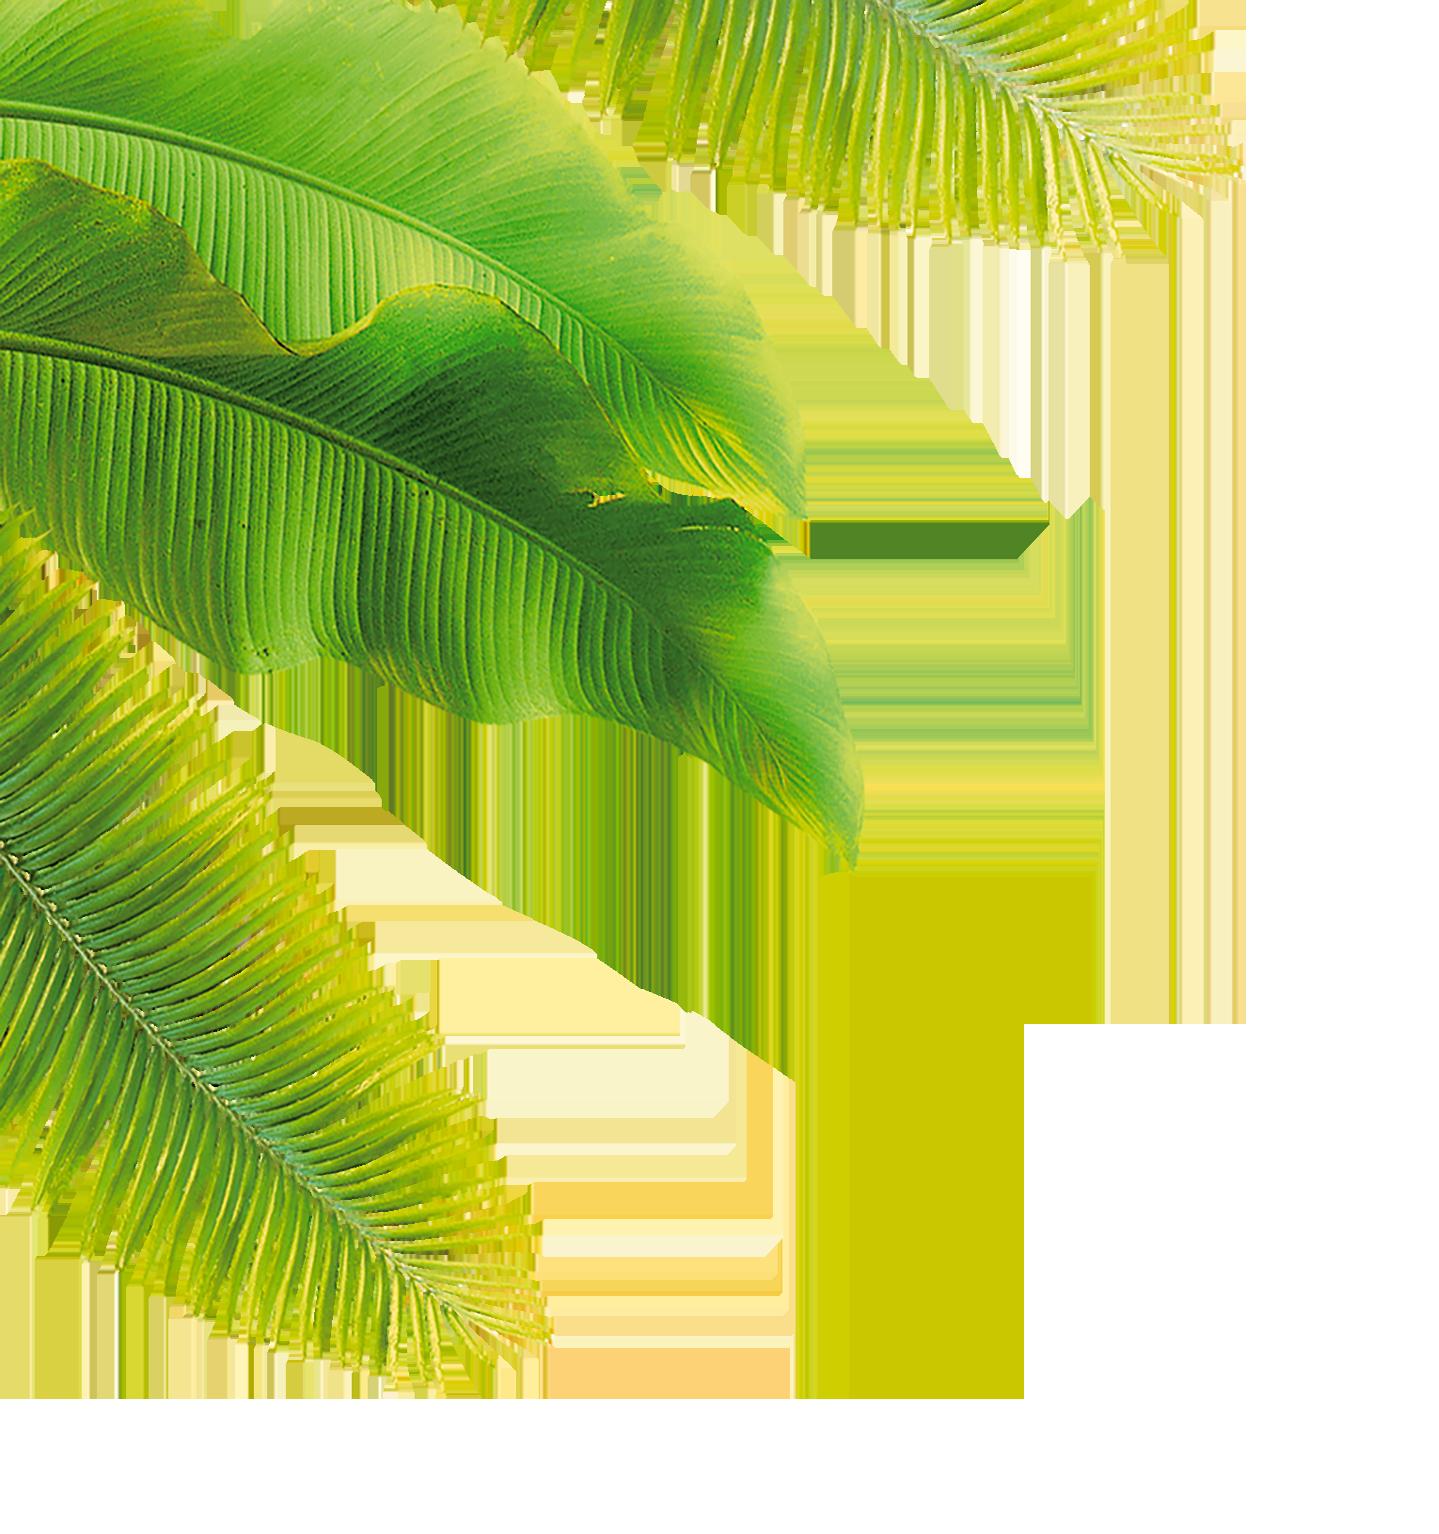 leaf-gauch